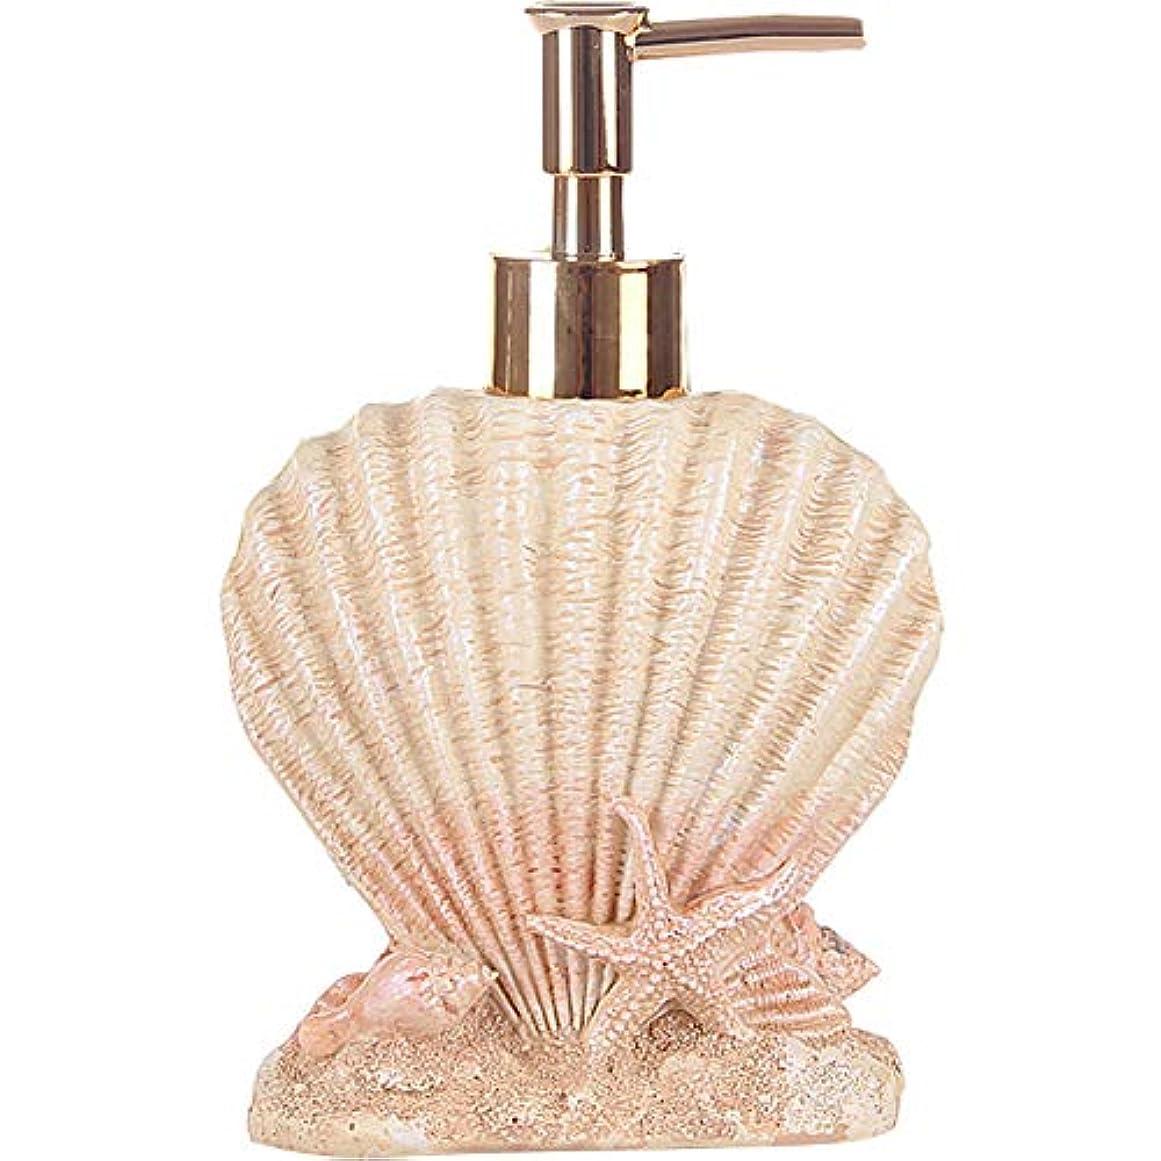 クレーンビスケット将来の(Shell) - Creative Beach Shells European Style Hand Soap Liquid Bottles Resin Shampoo Dispenser (shell)